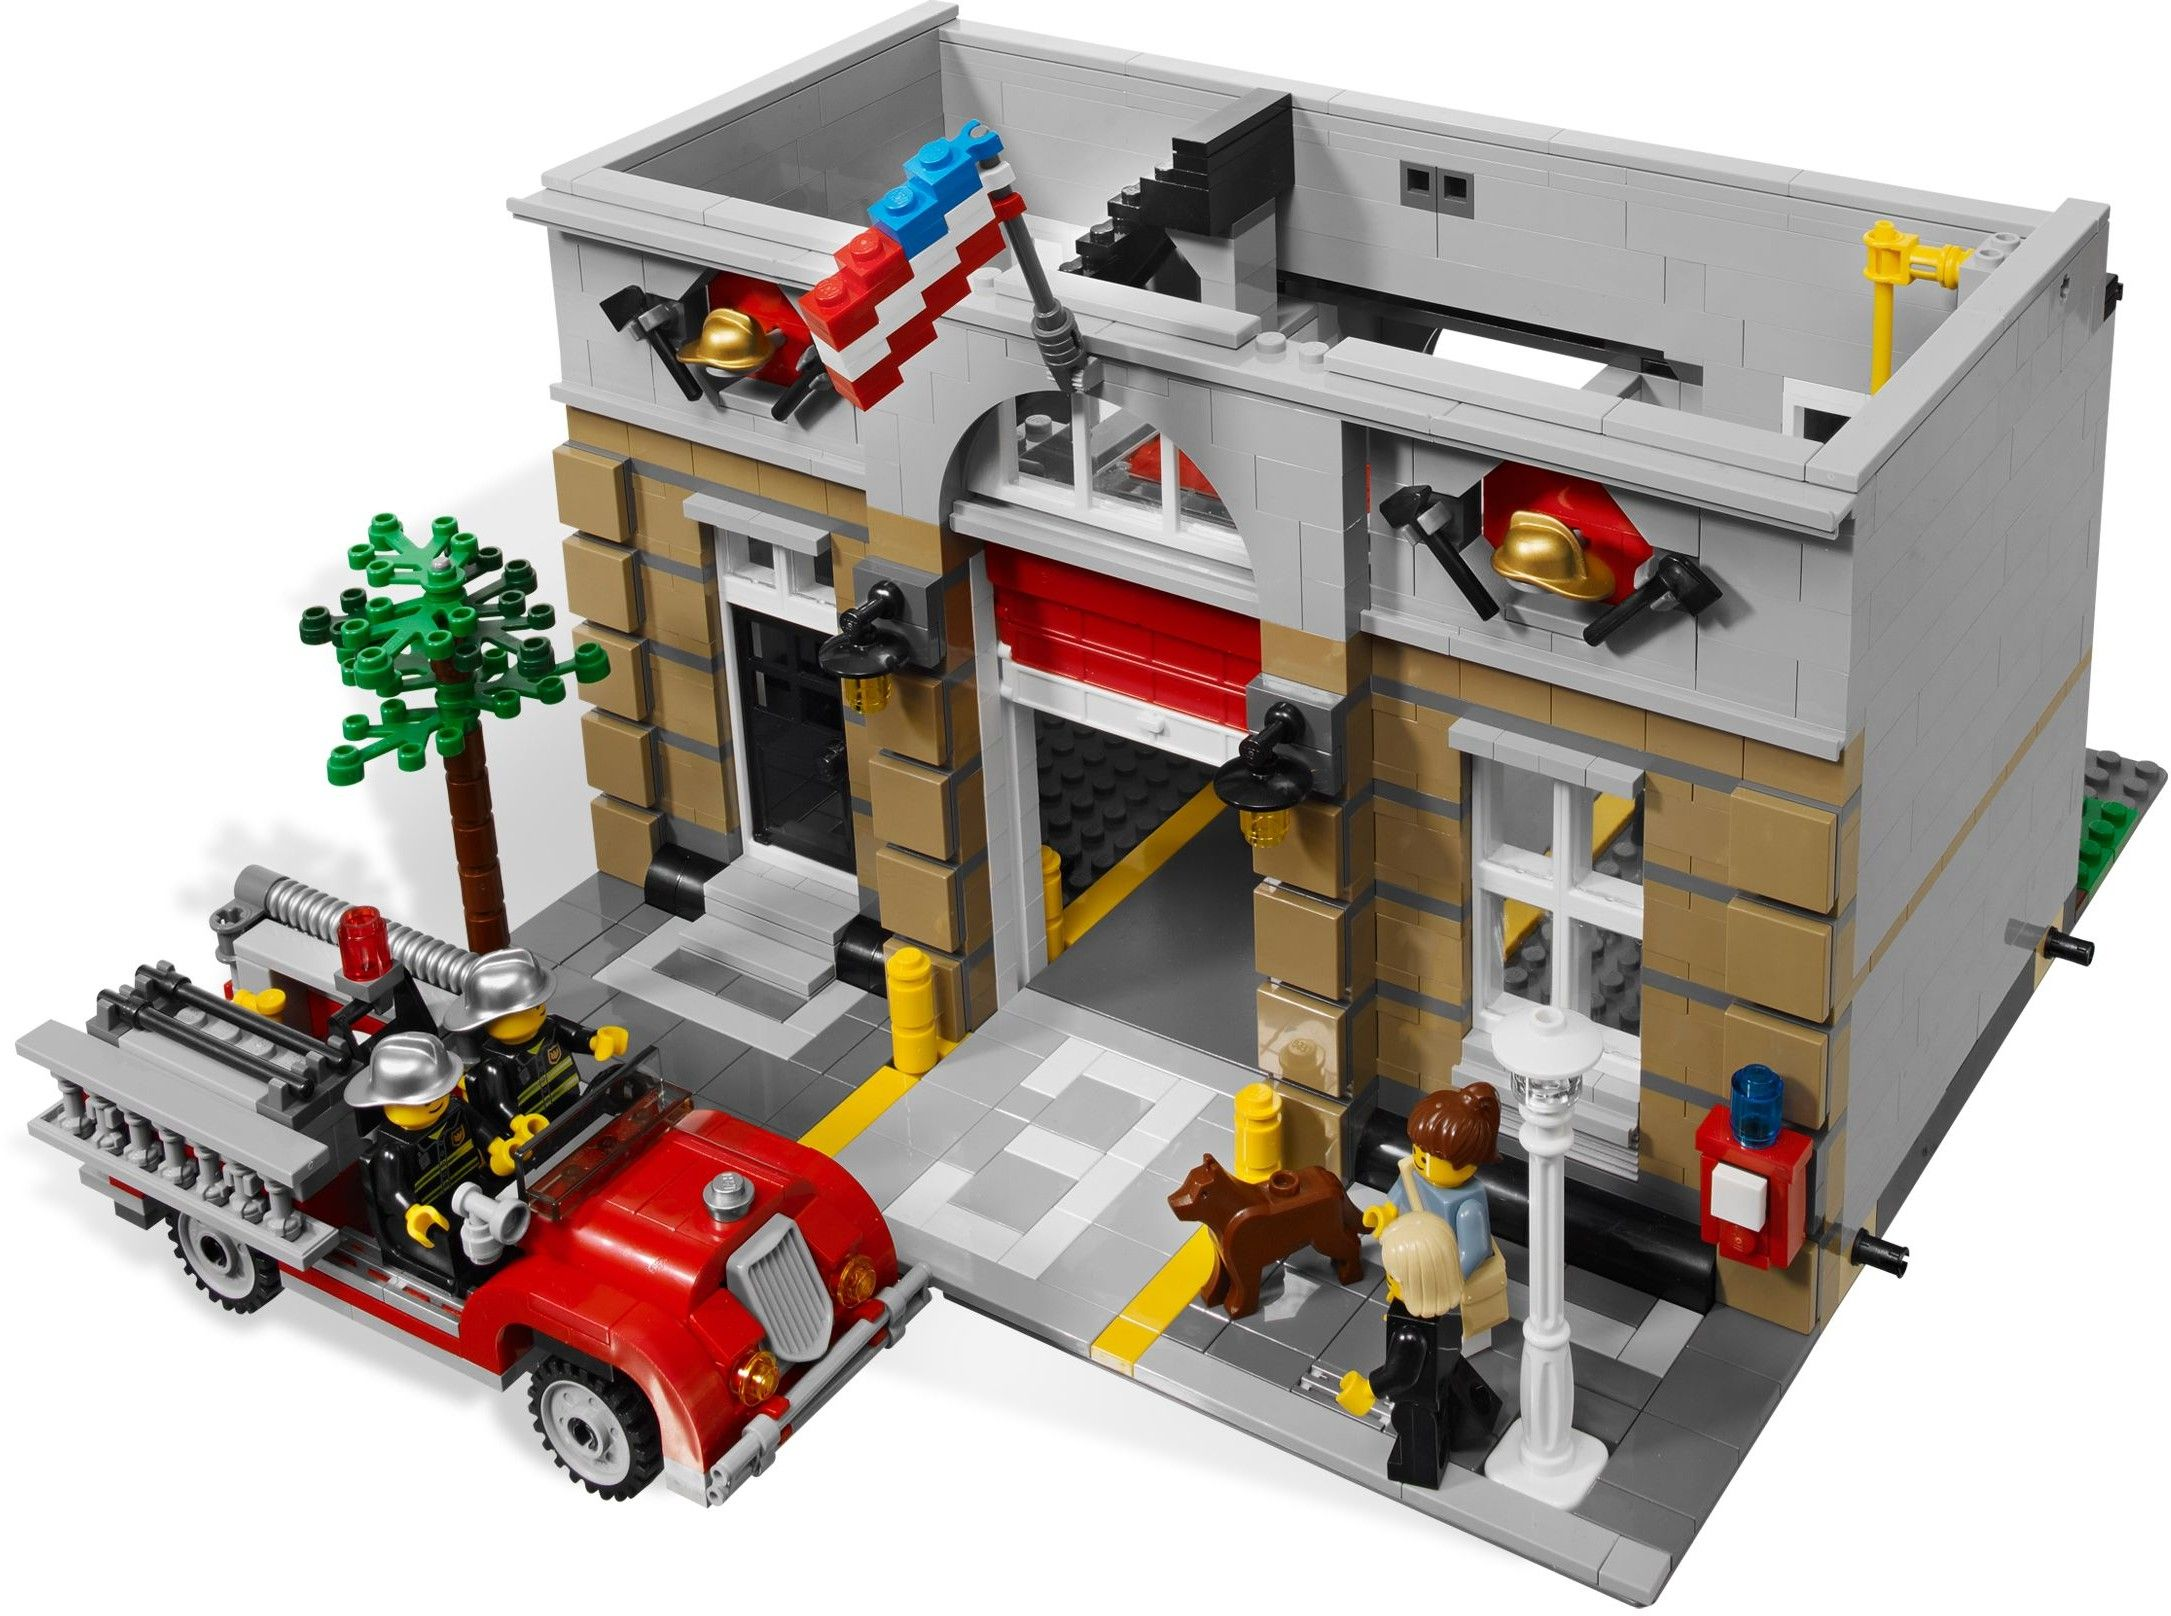 101971 Fire Brigade Fire brigade, Modular building